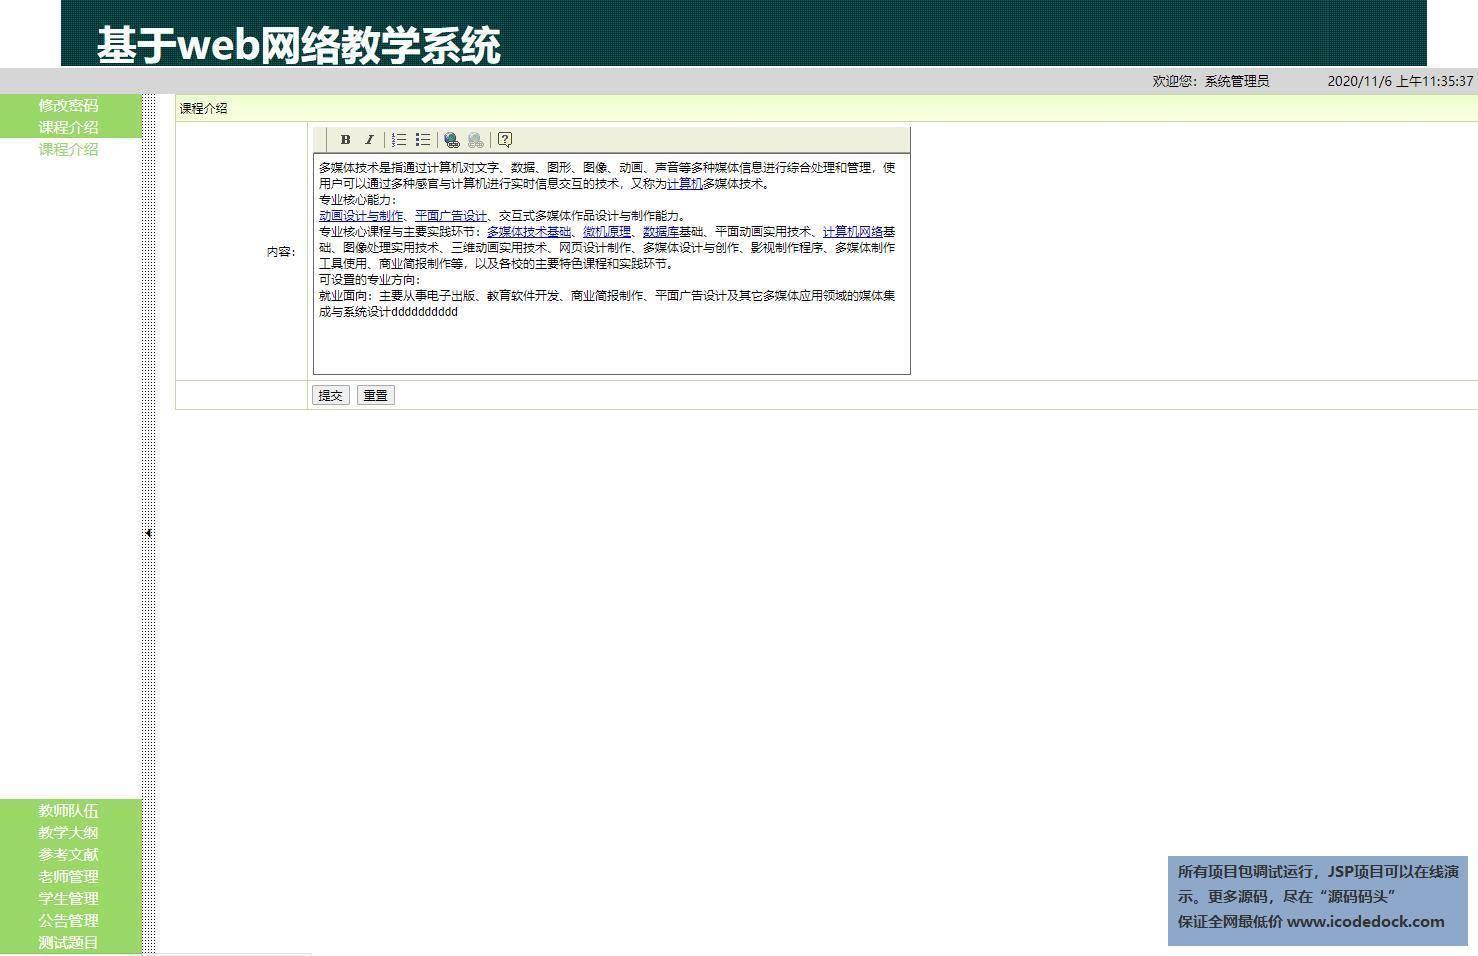 源码码头-SSH高校在线网络教学系统-管理员角色-课程介绍管理